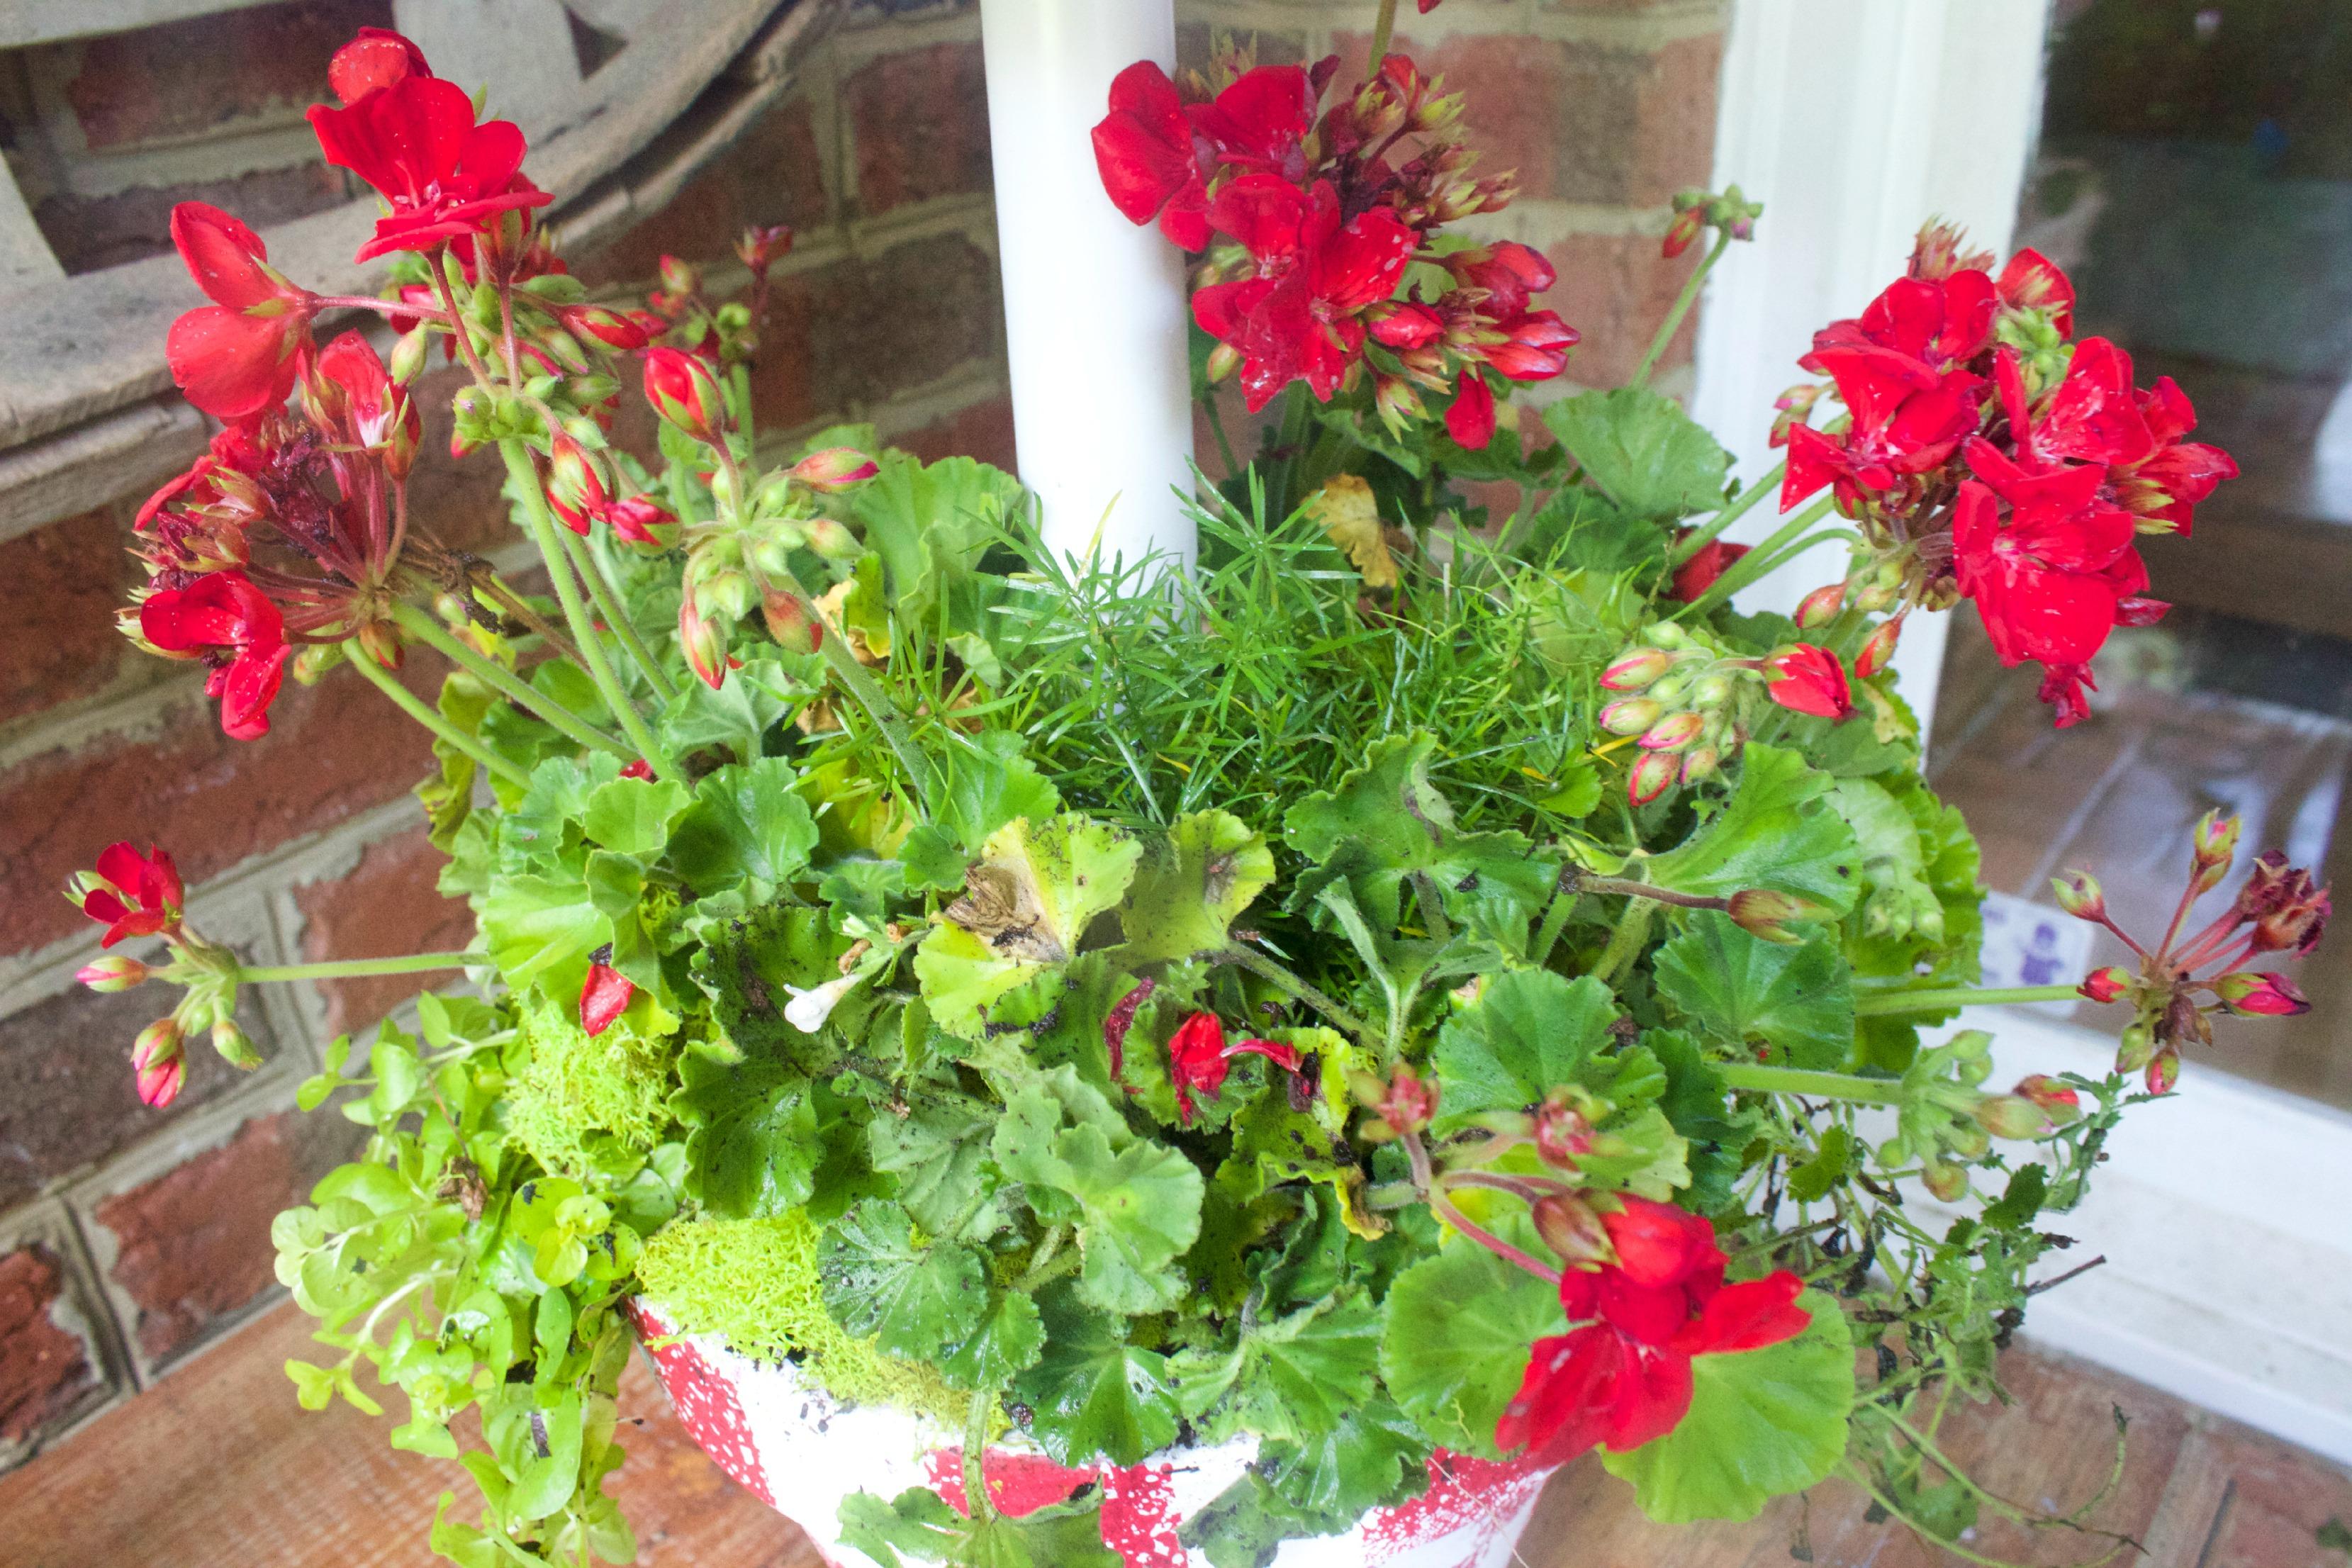 Red Geraniums by The Everyday Home  www.everydayhomeblog.com